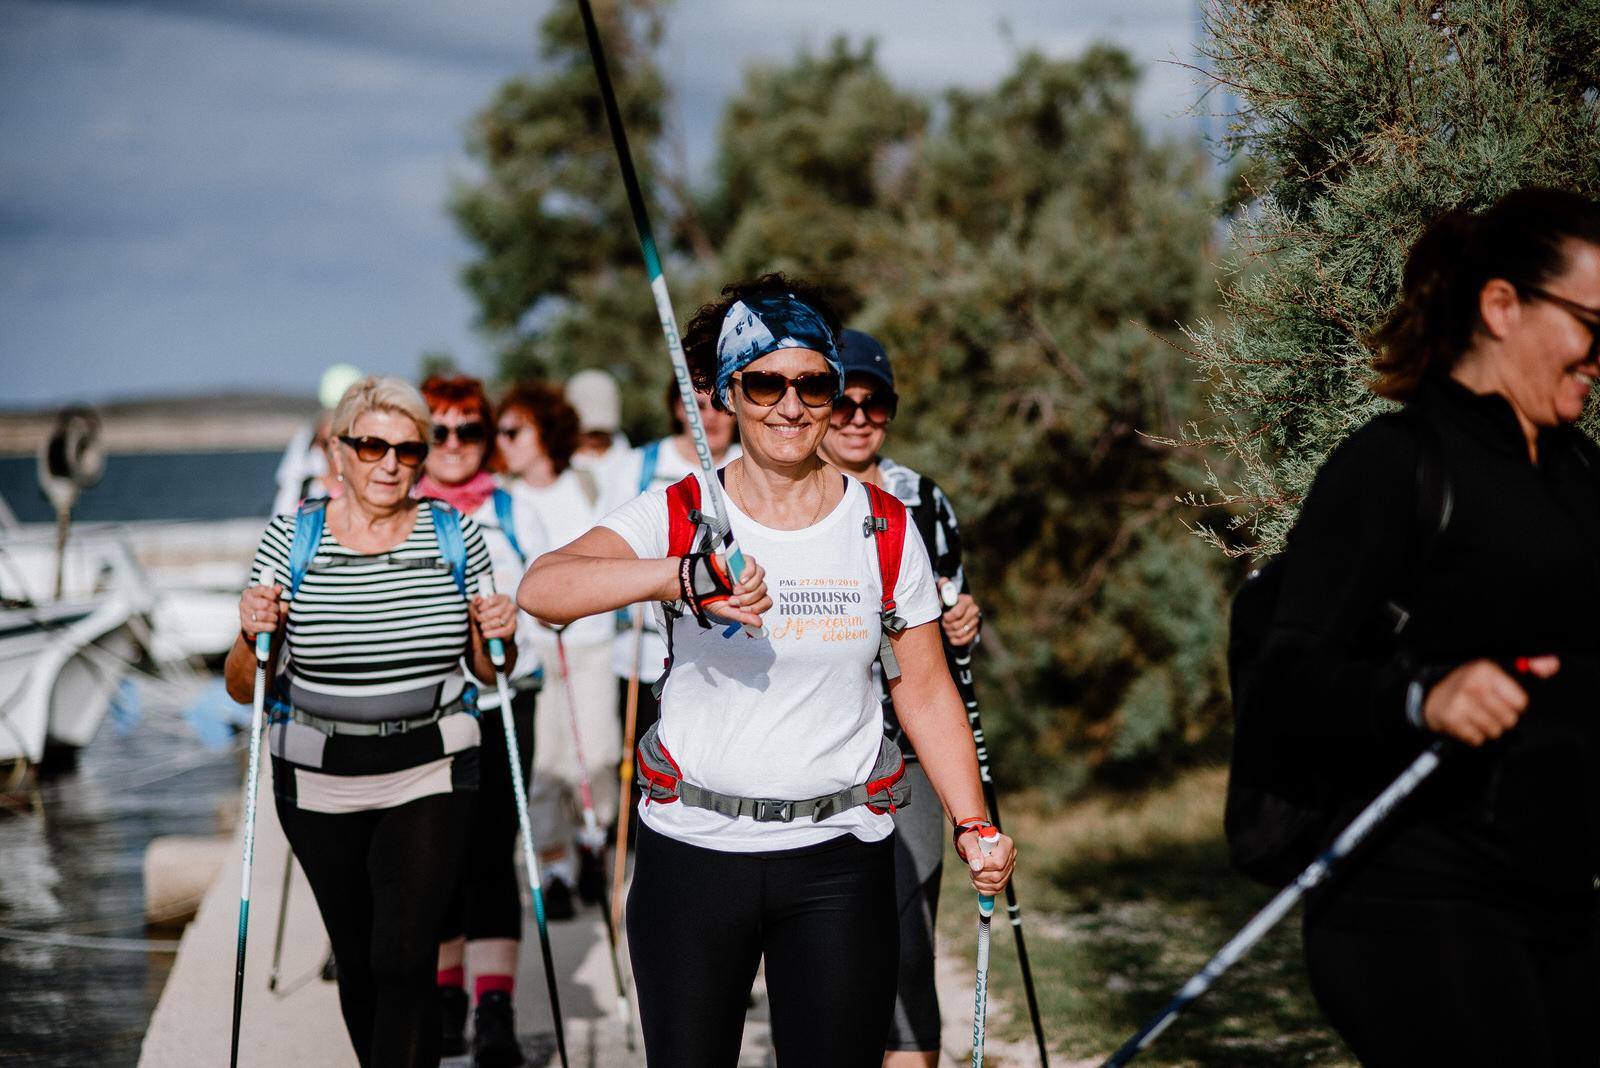 likaclub_nordijsko-hodanje-mjesečevim-otokom_pag-2019-18